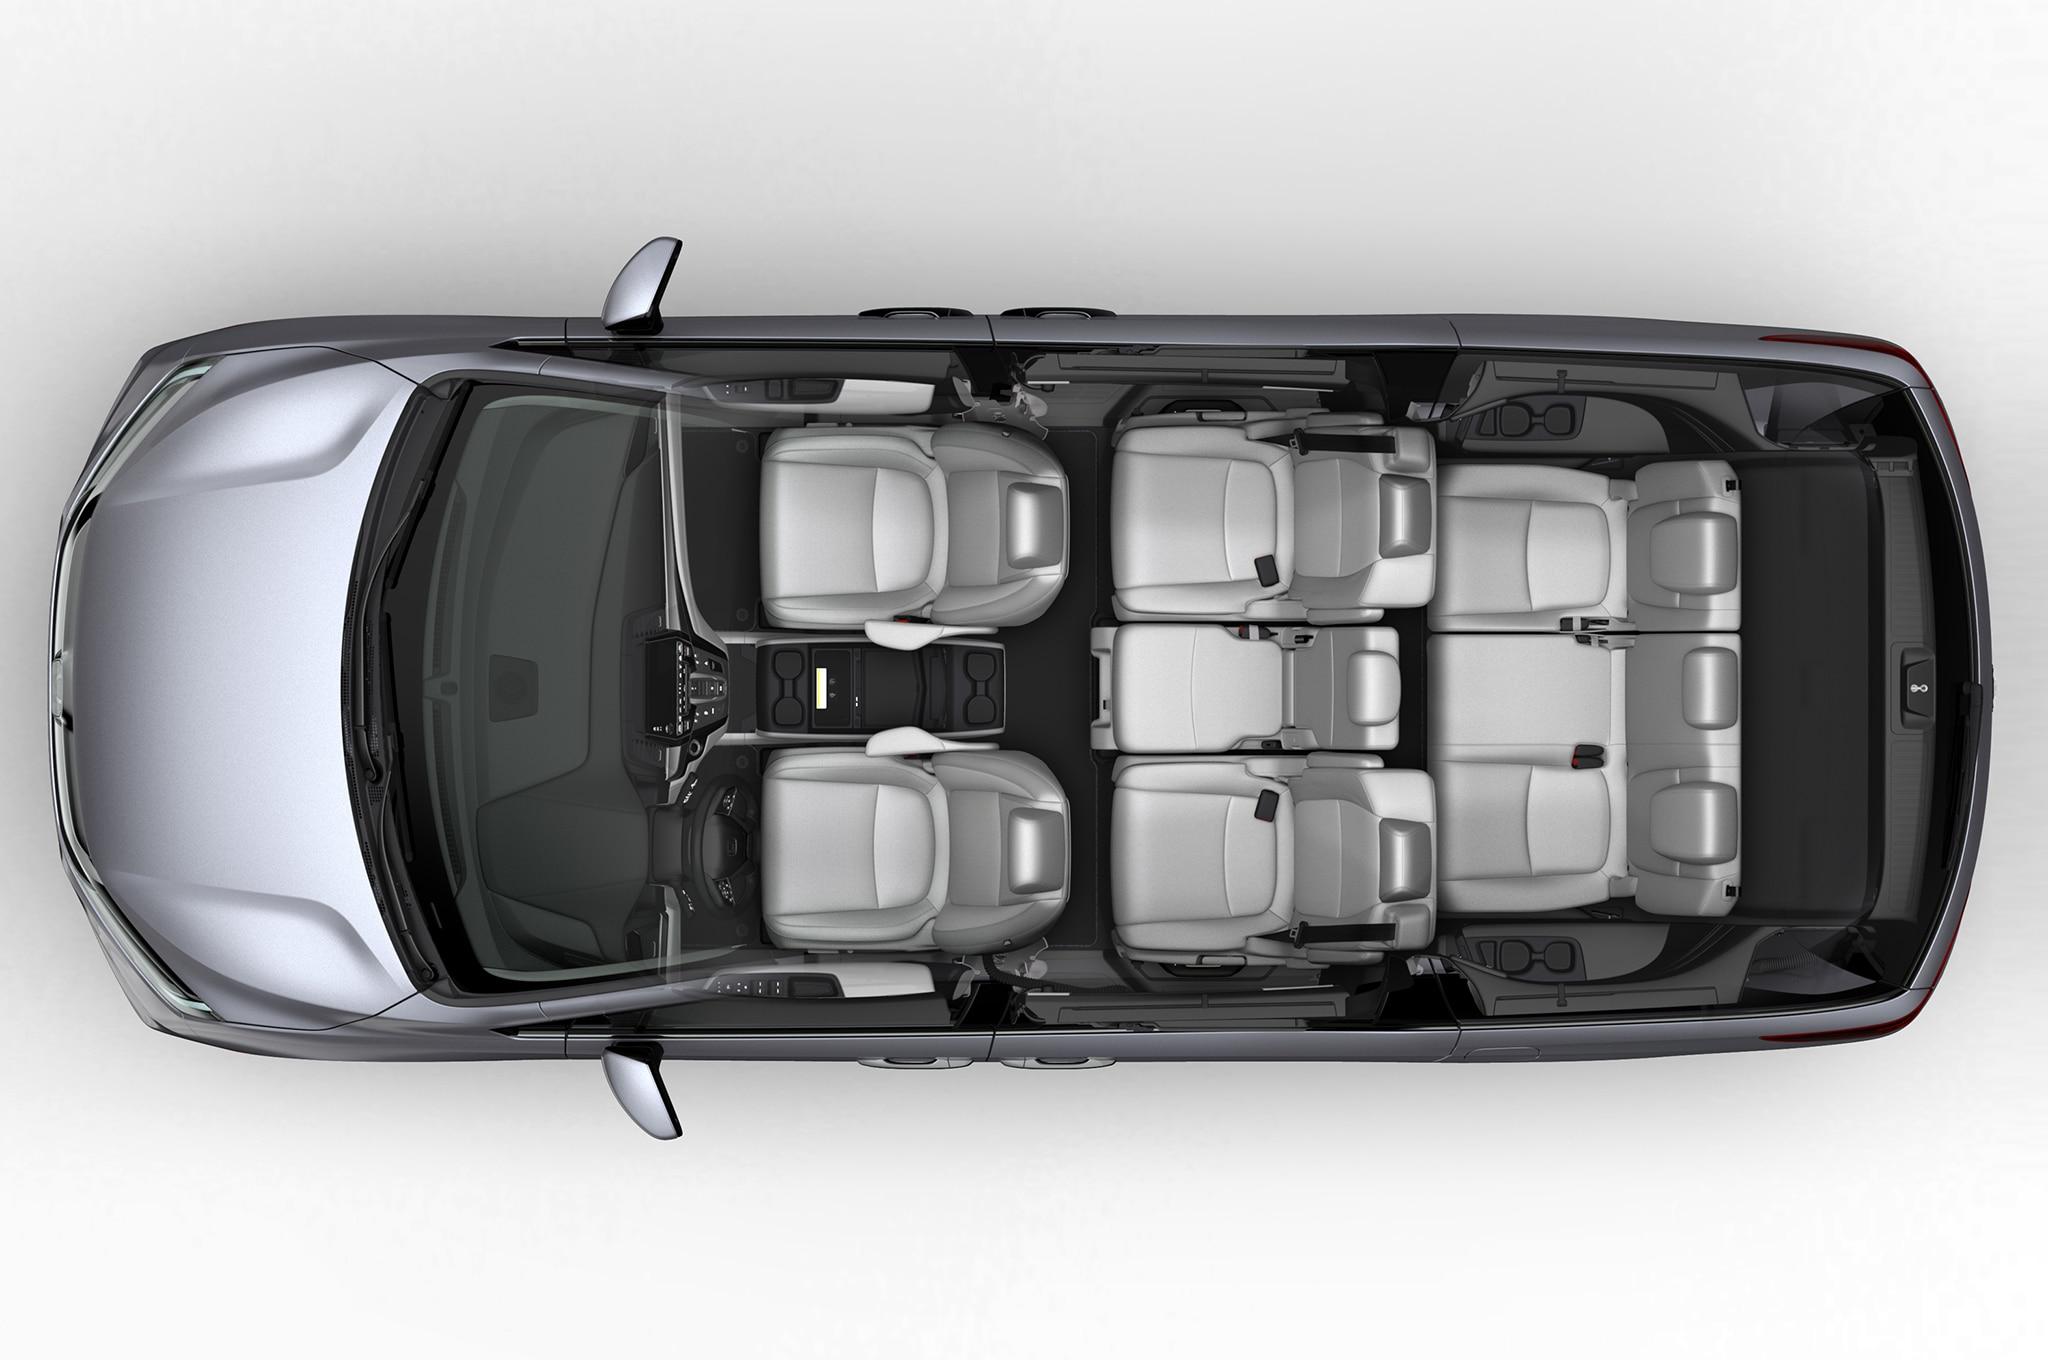 2018 honda pilot interior.  pilot show more with 2018 honda pilot interior g